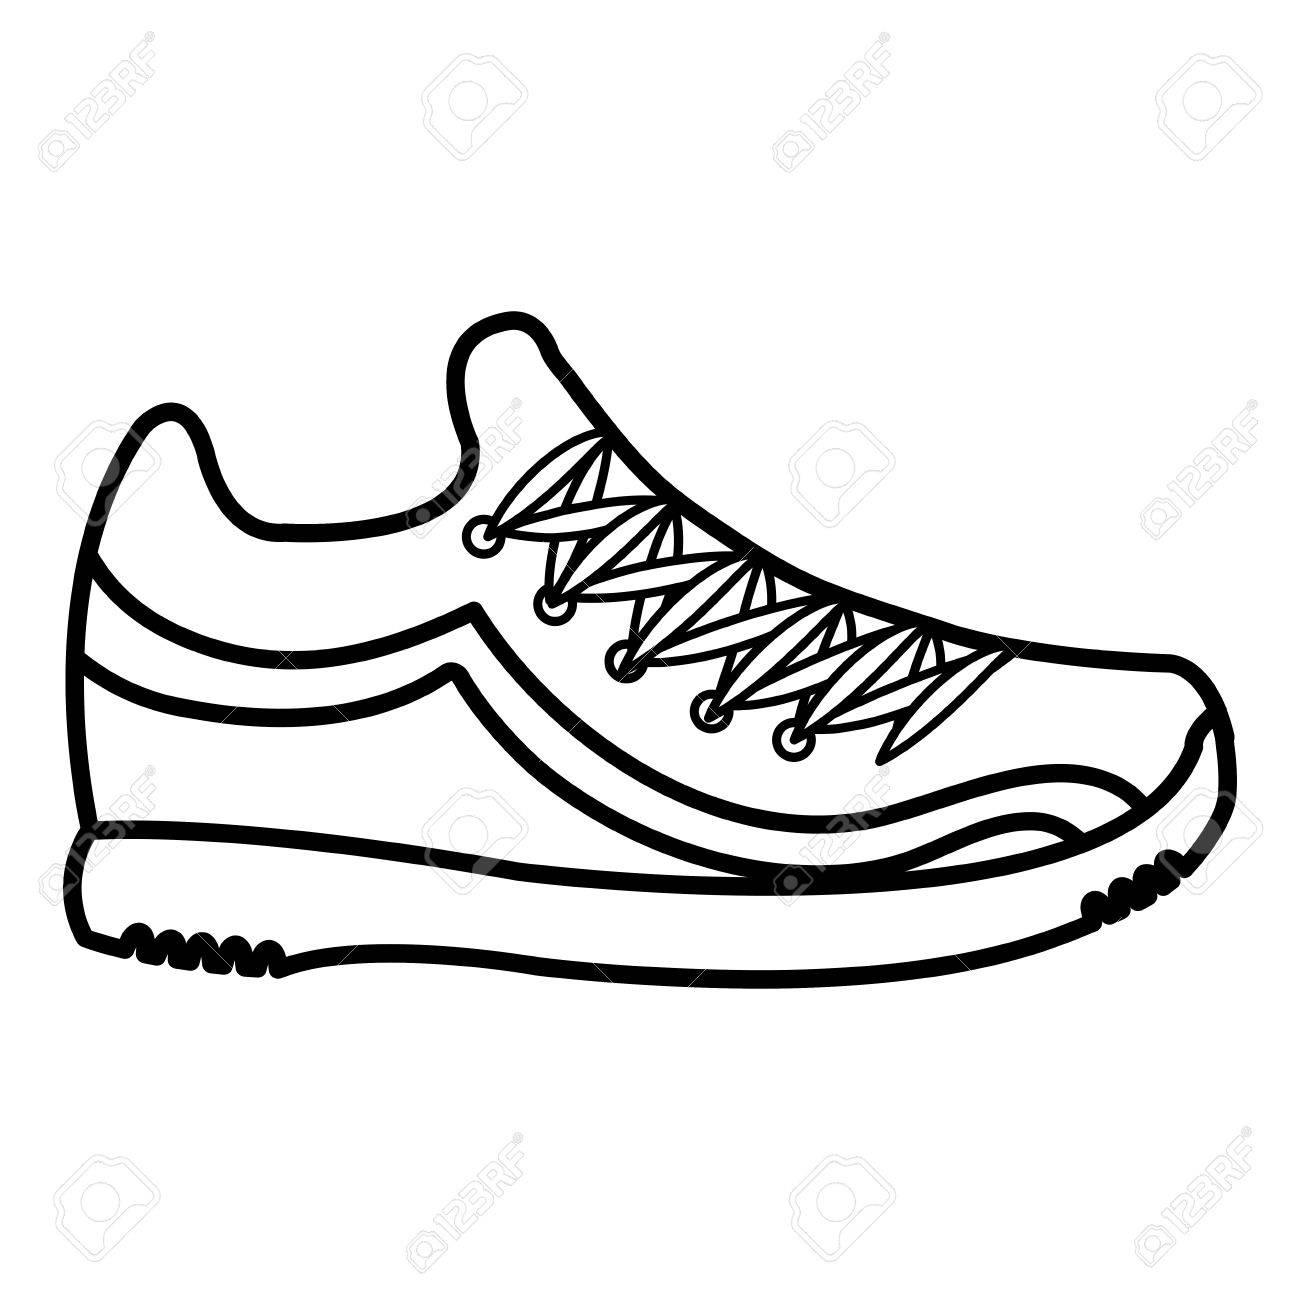 Vectorial Zapato De Tenis Ilustración Diseño Aislado Icono lFKJ1uT3c